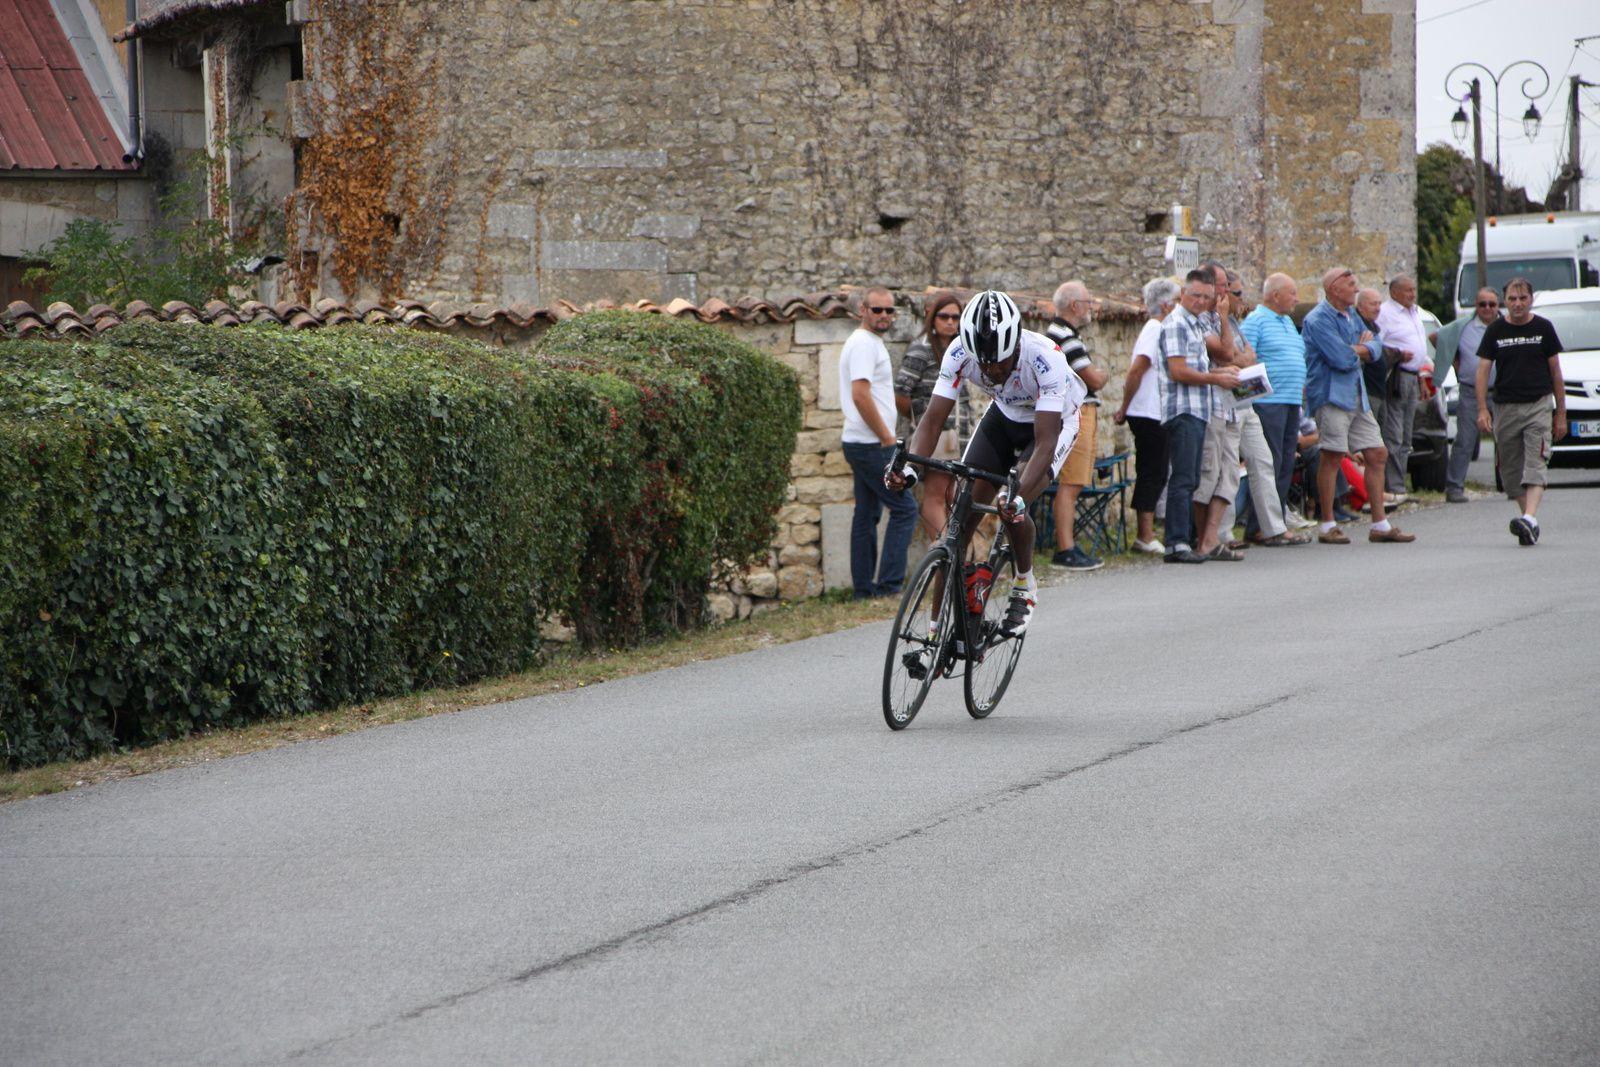 Sébastien  DILLERIN  est  sortit  seul , Franck  BERNARD  est  en  contre.